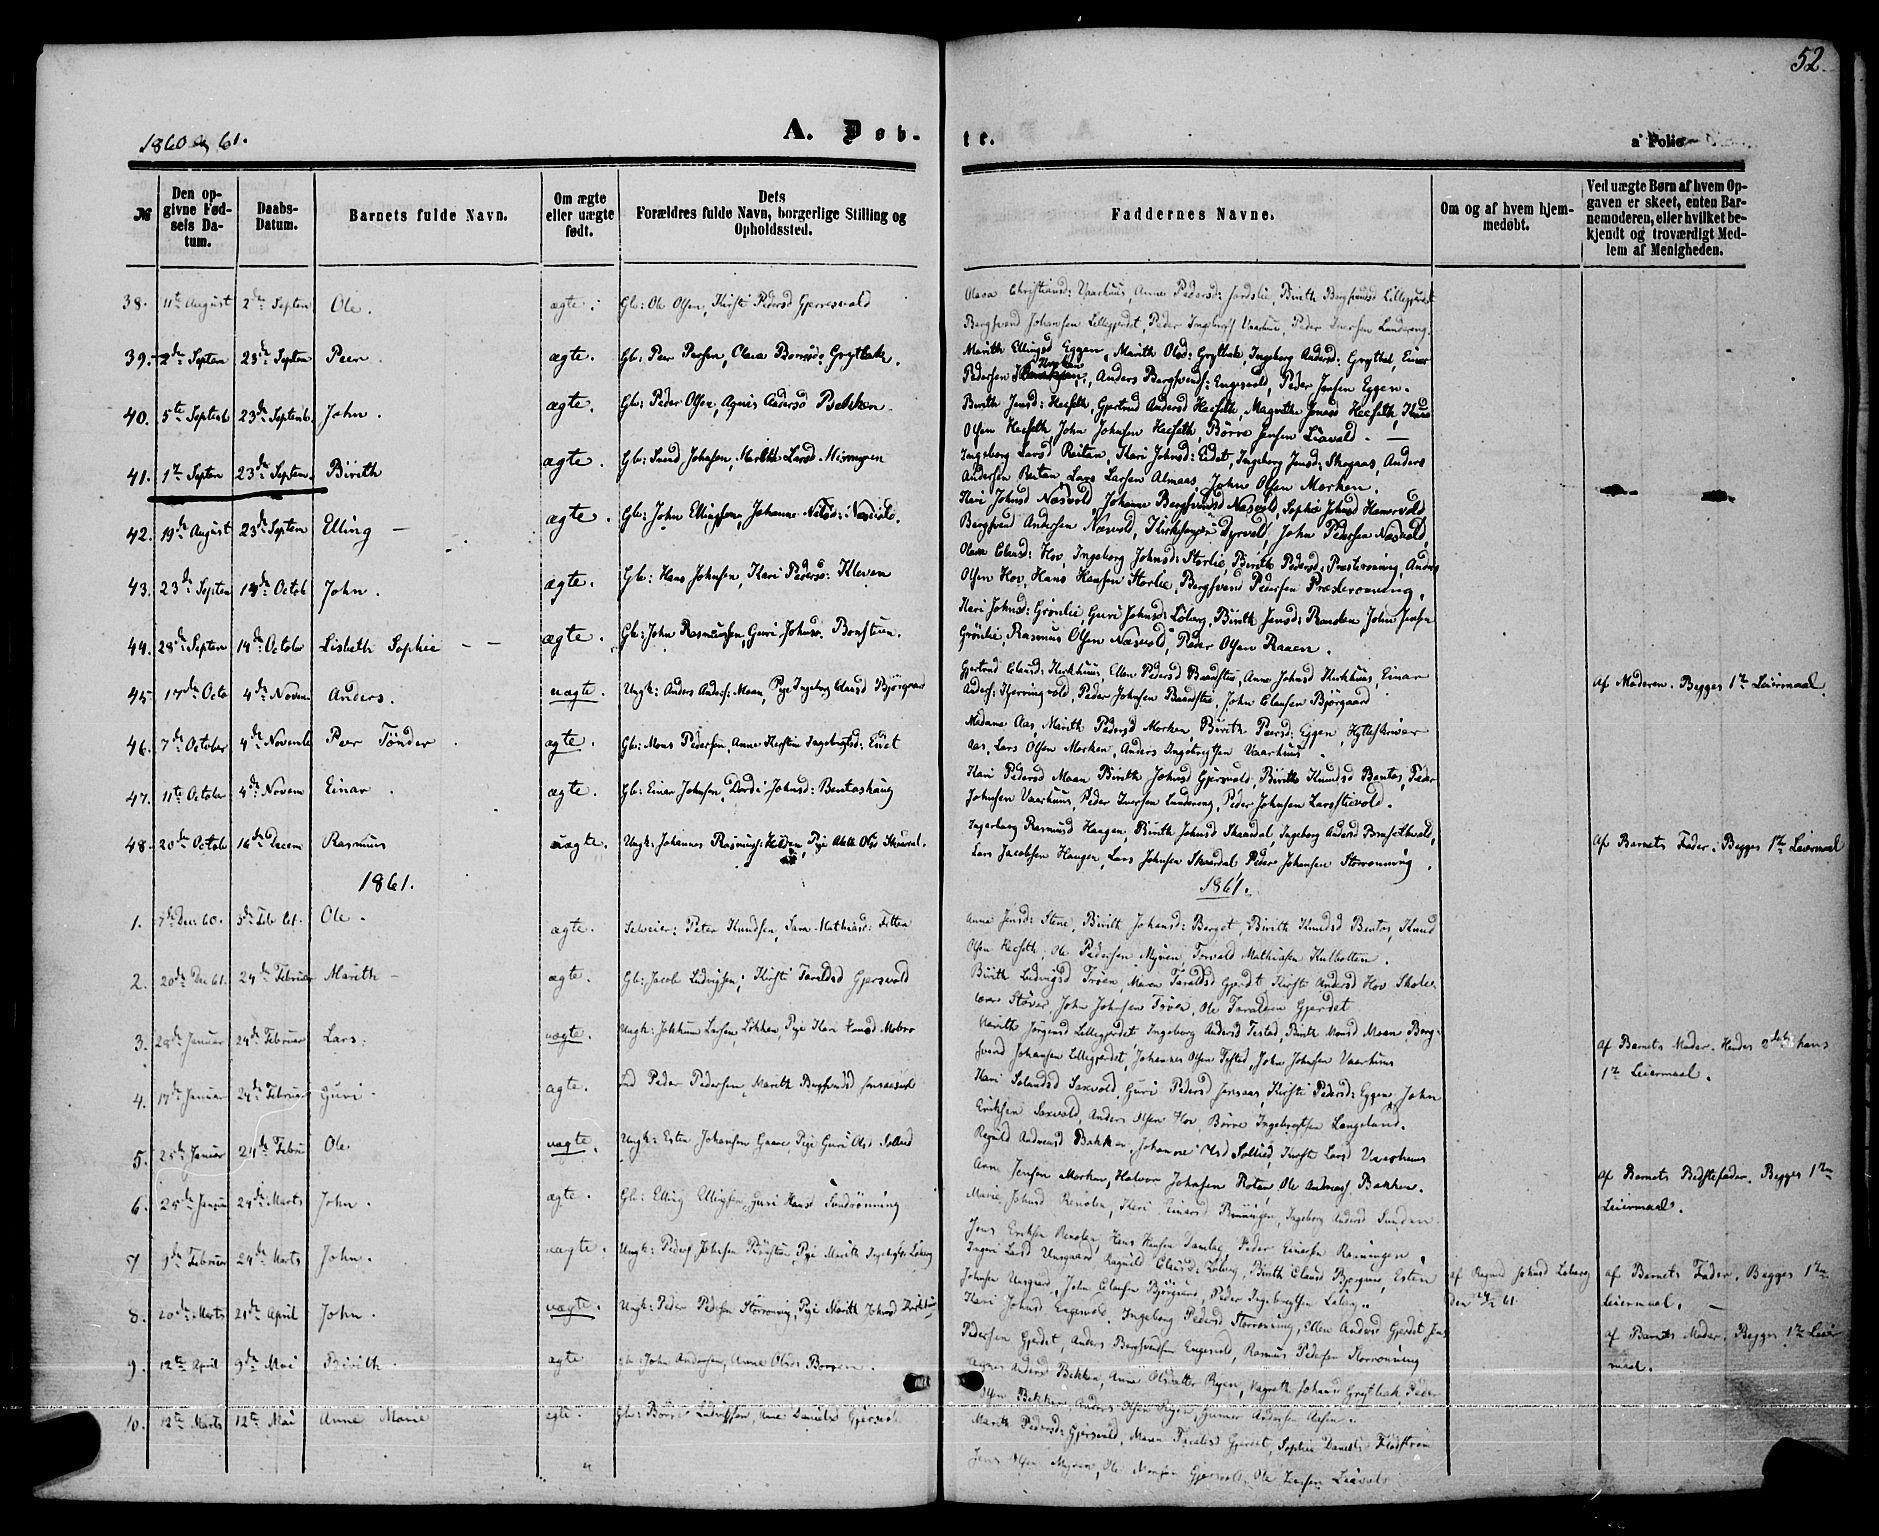 SAT, Ministerialprotokoller, klokkerbøker og fødselsregistre - Sør-Trøndelag, 685/L0968: Ministerialbok nr. 685A07 /3, 1860-1869, s. 52